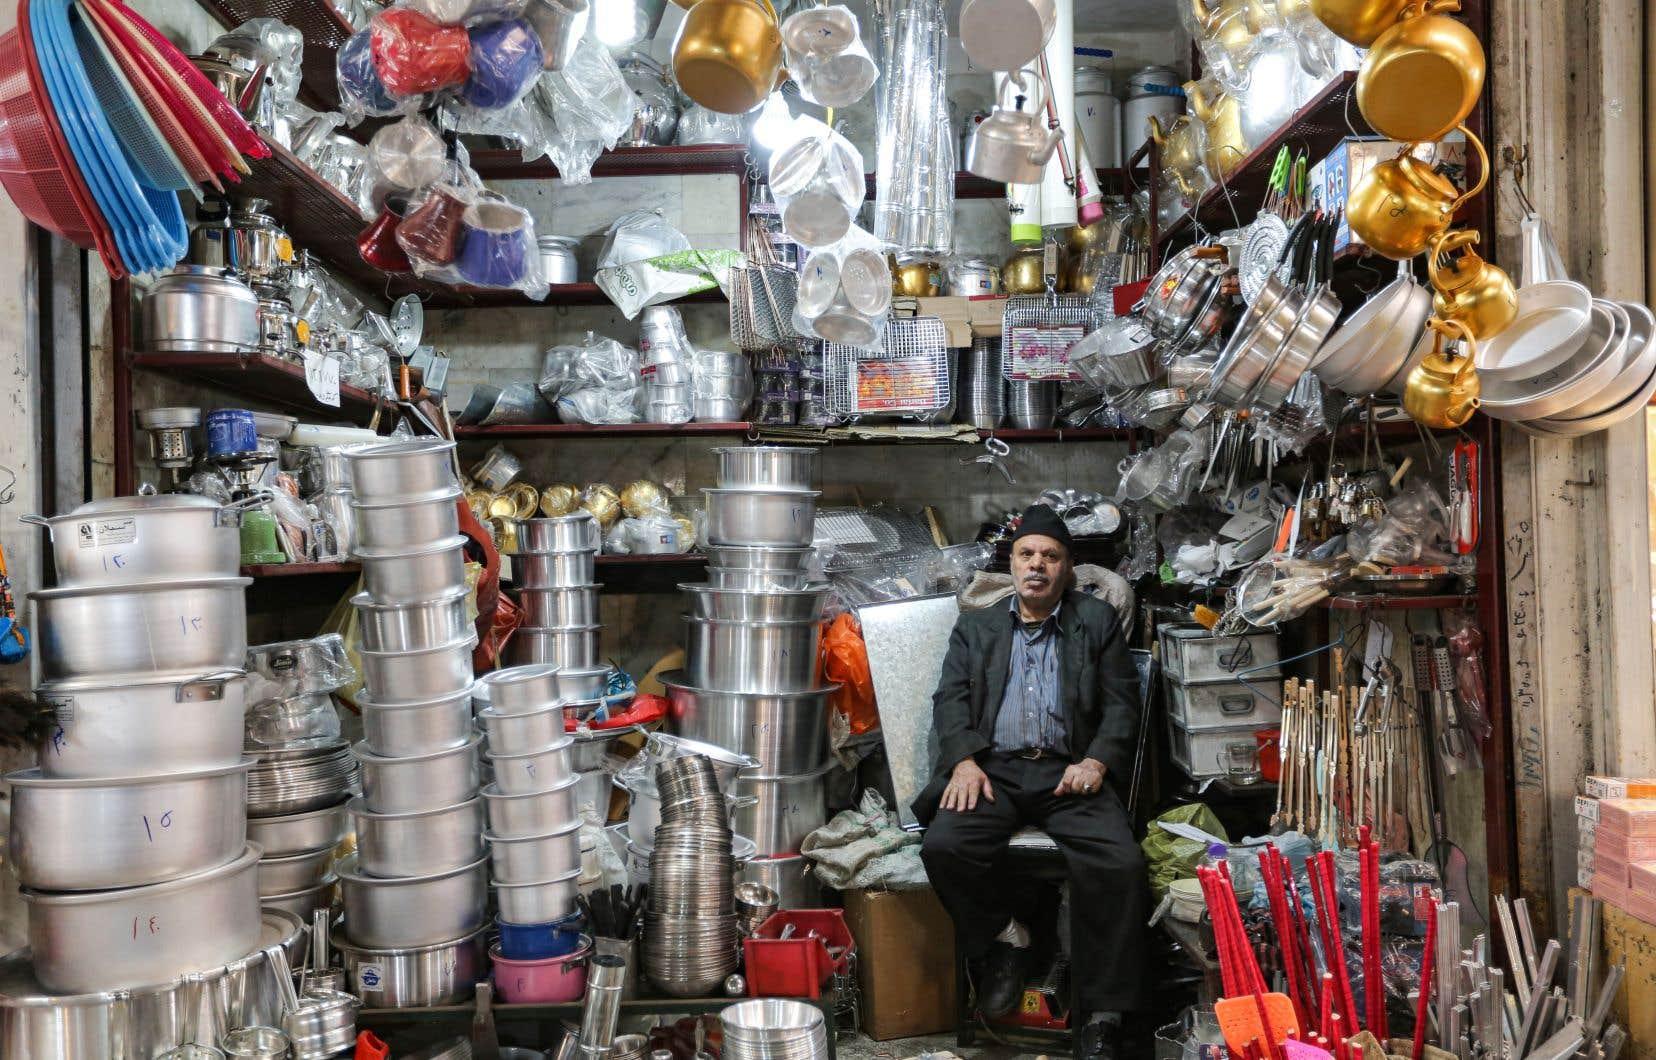 L'Irant a autorisé une réouverture progressive des commerces depuis le 11 avril.